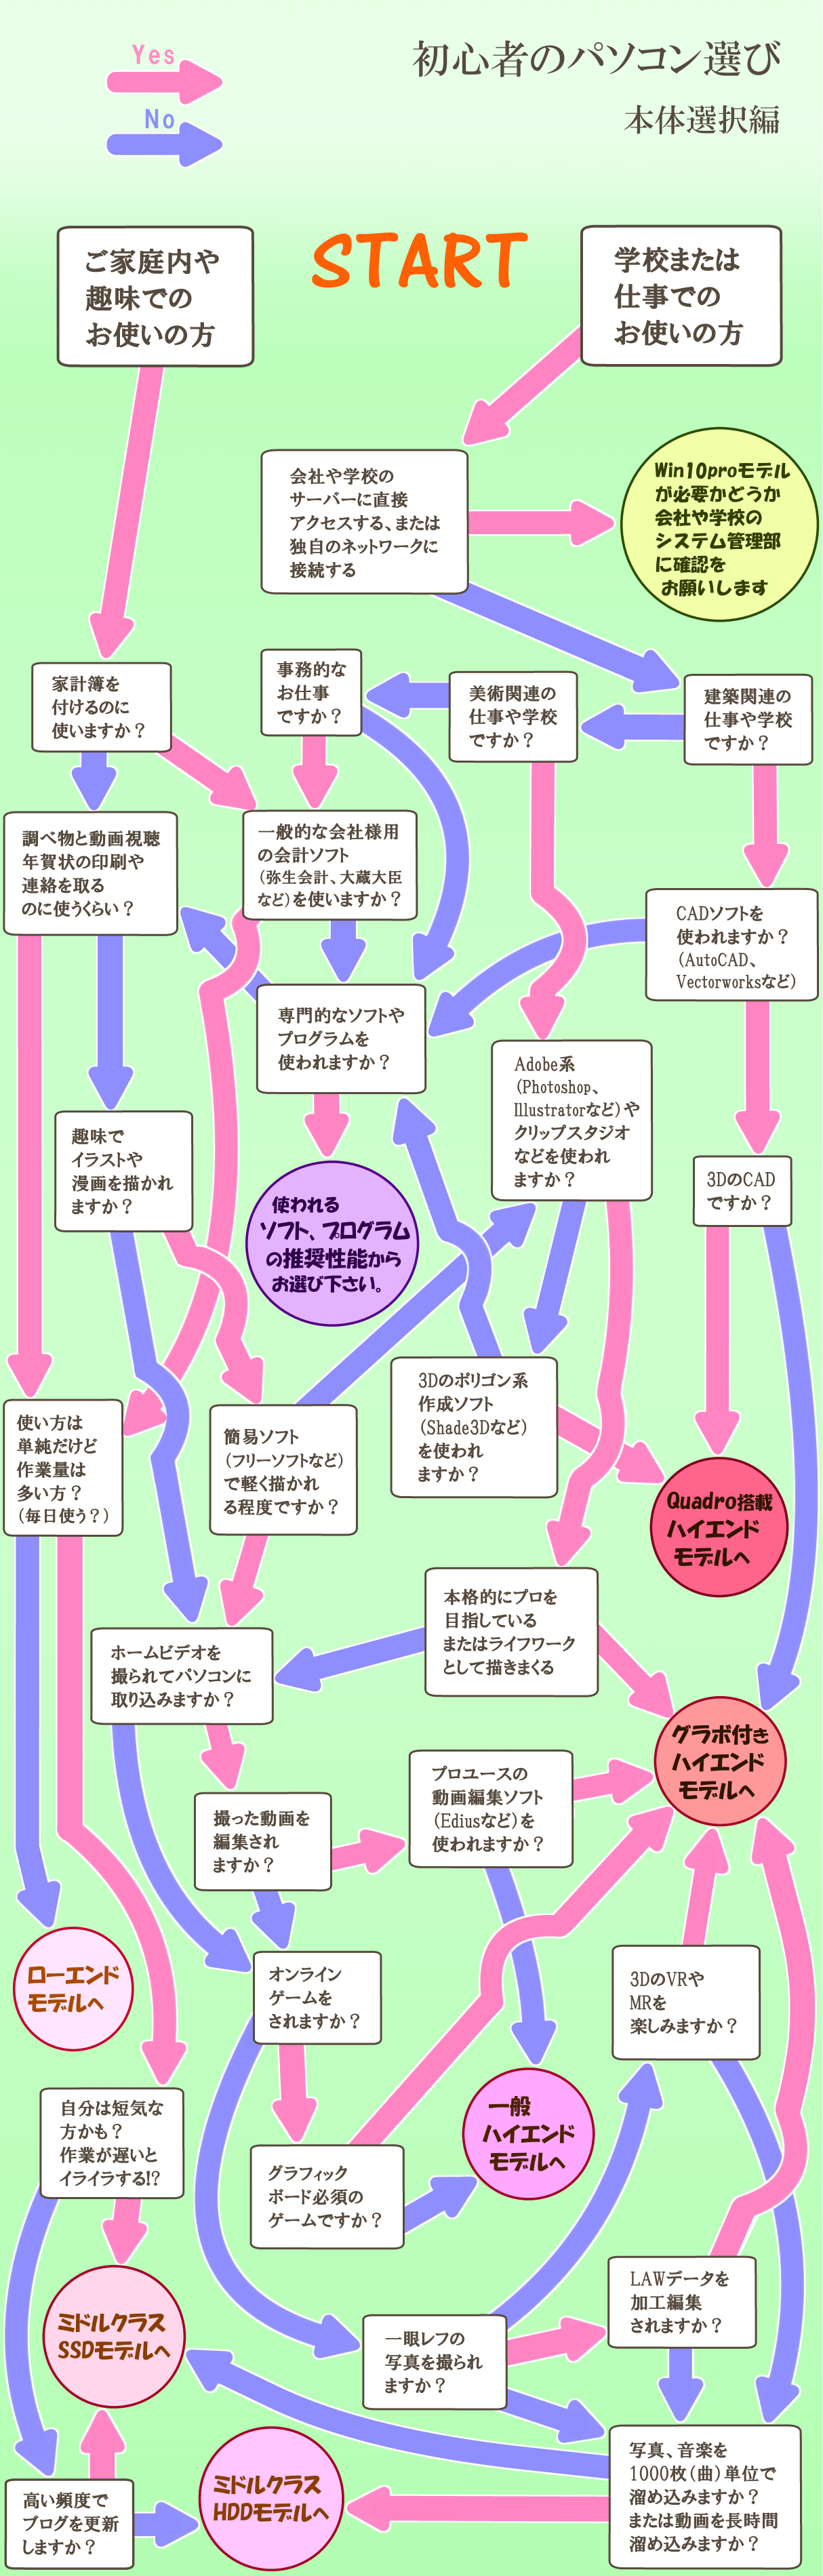 パソコン選択のパラグラフマップ